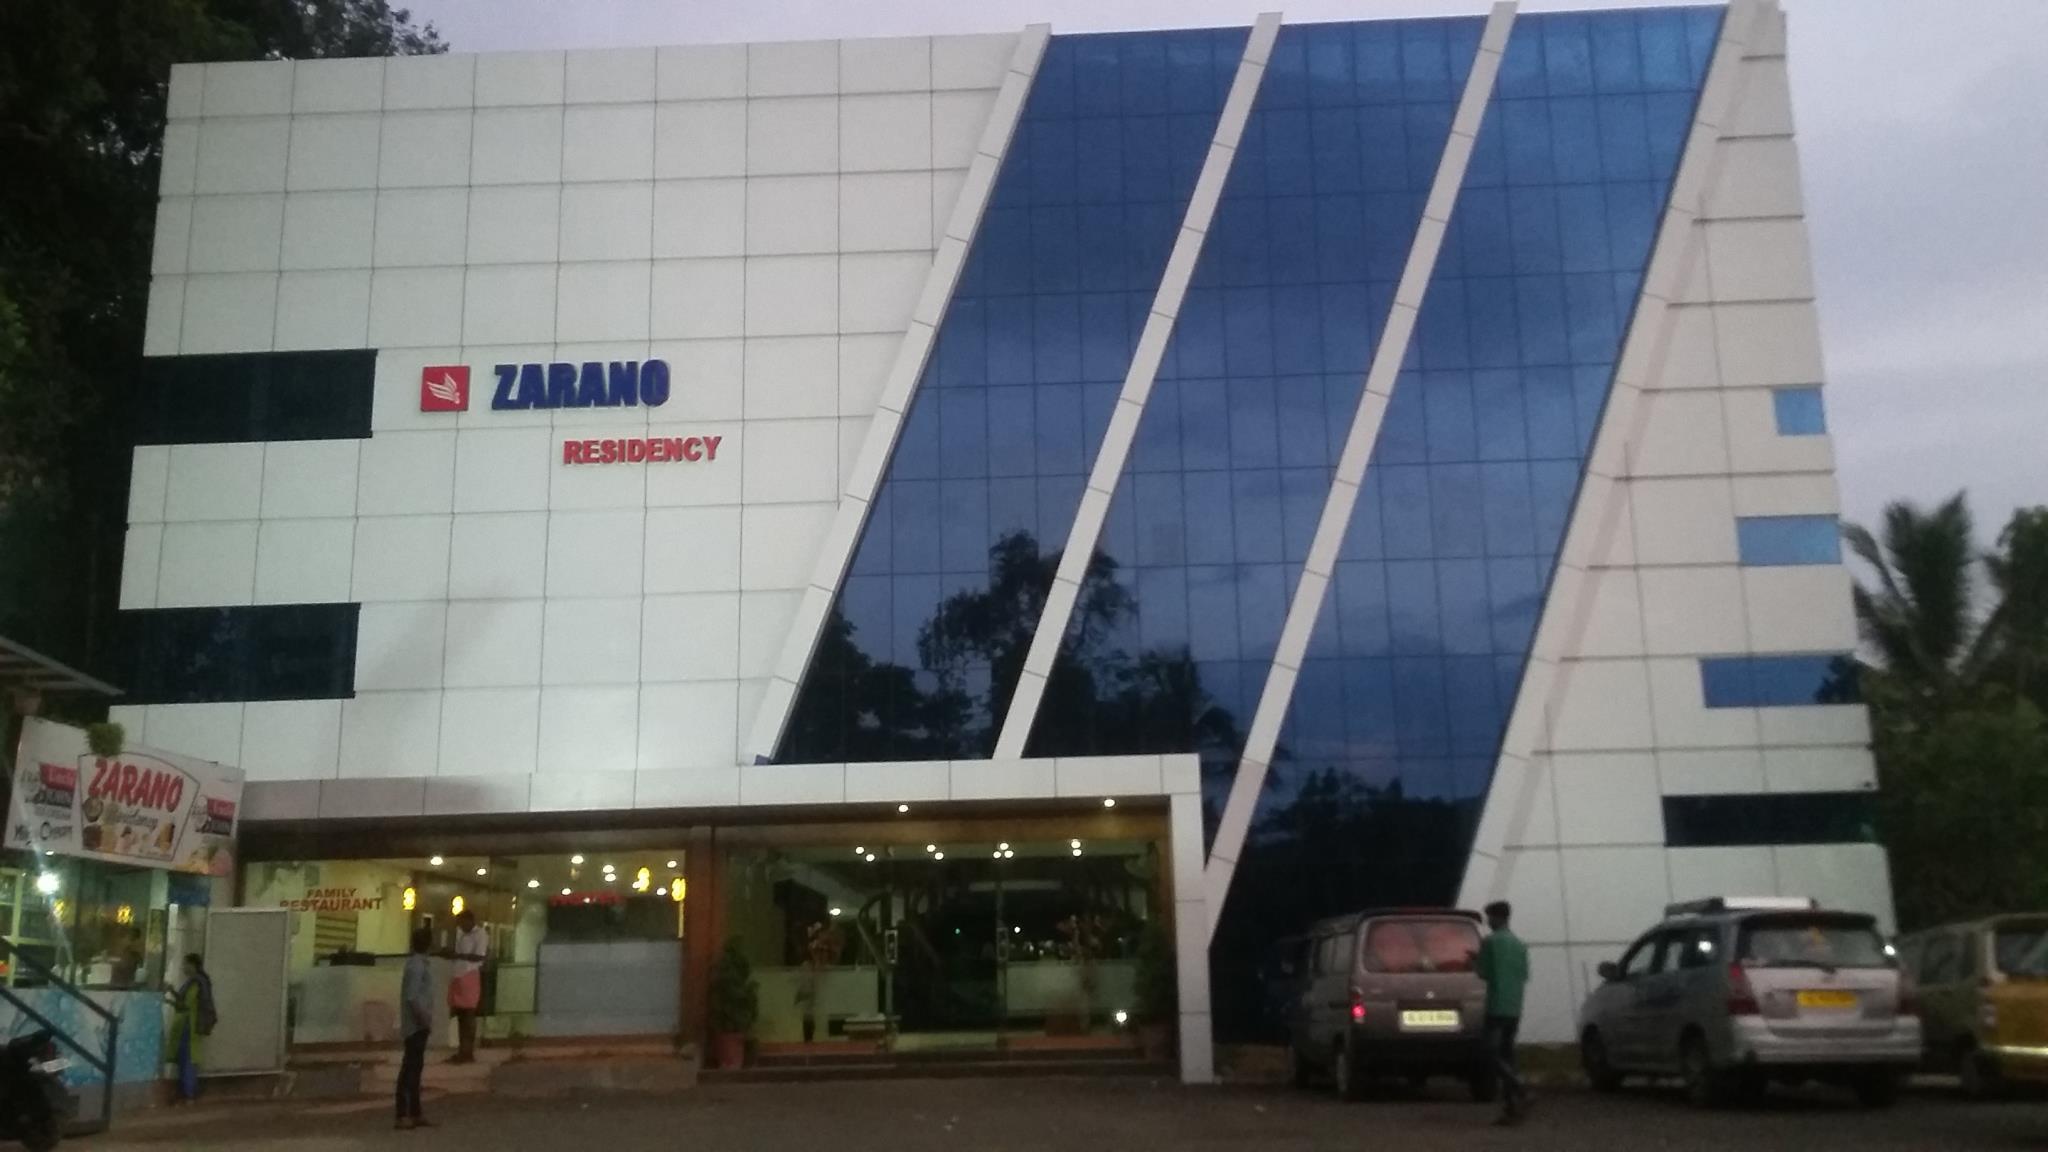 Zarano Residency